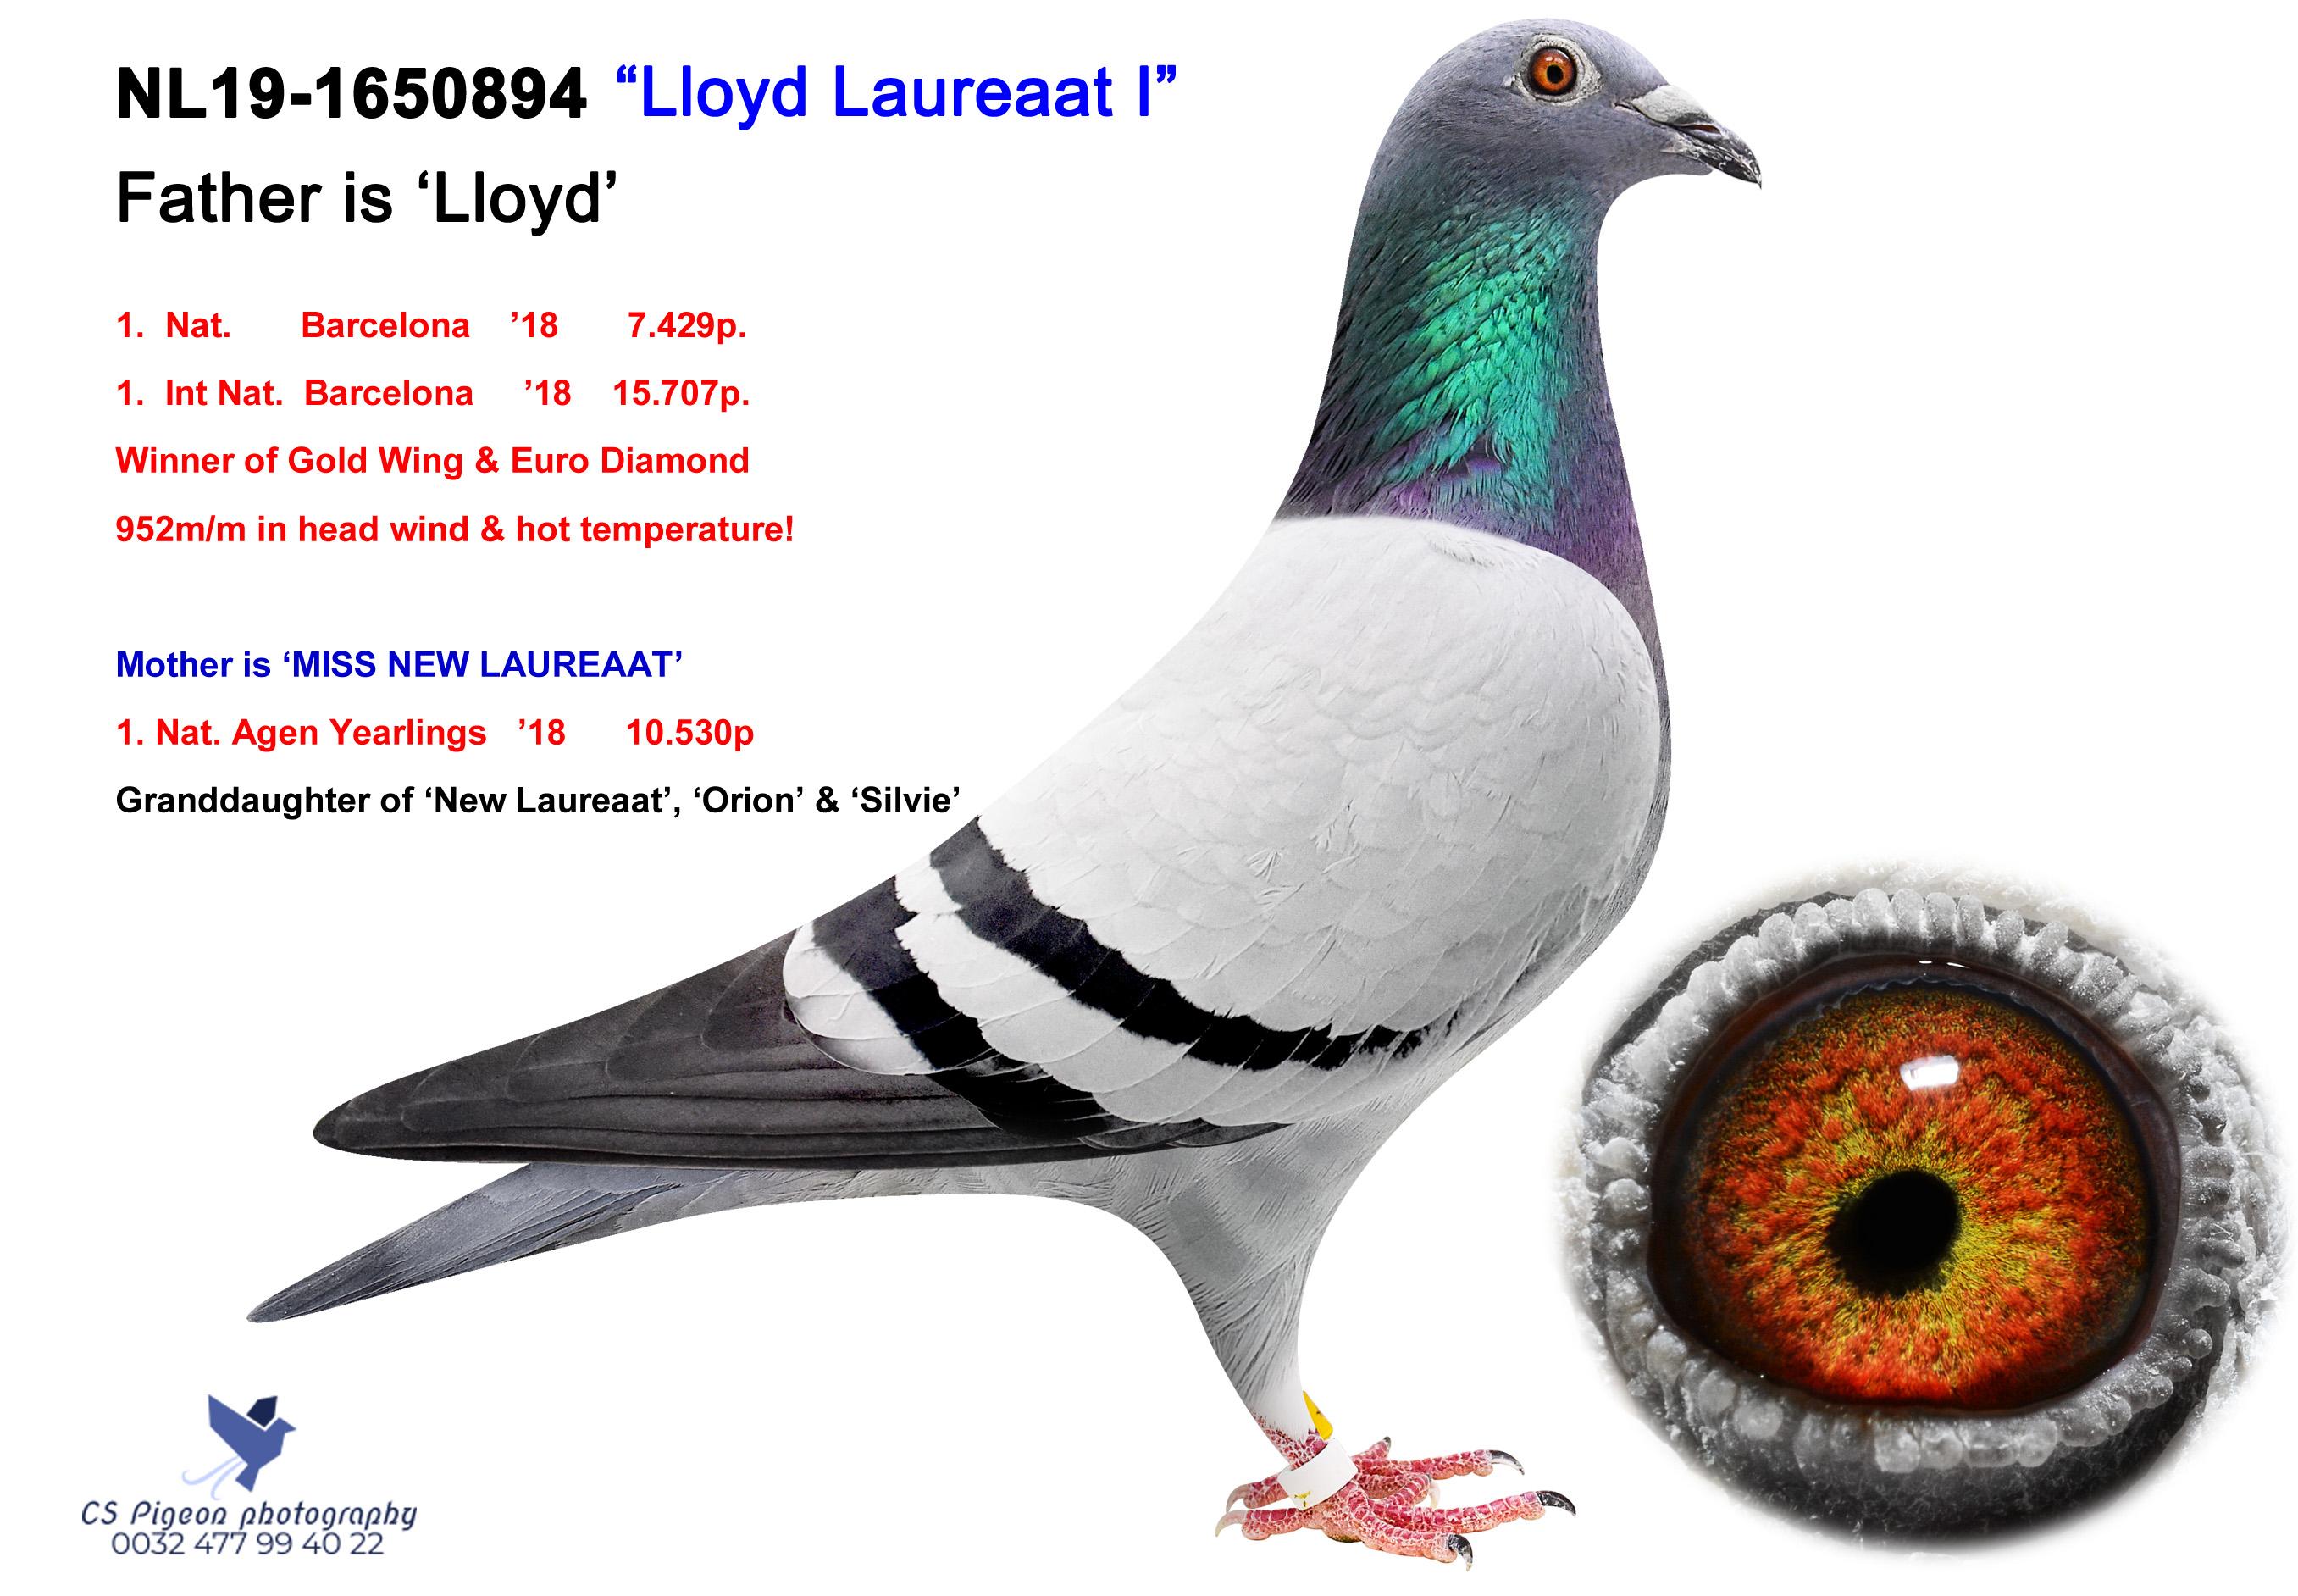 Lloyd Laureaat I